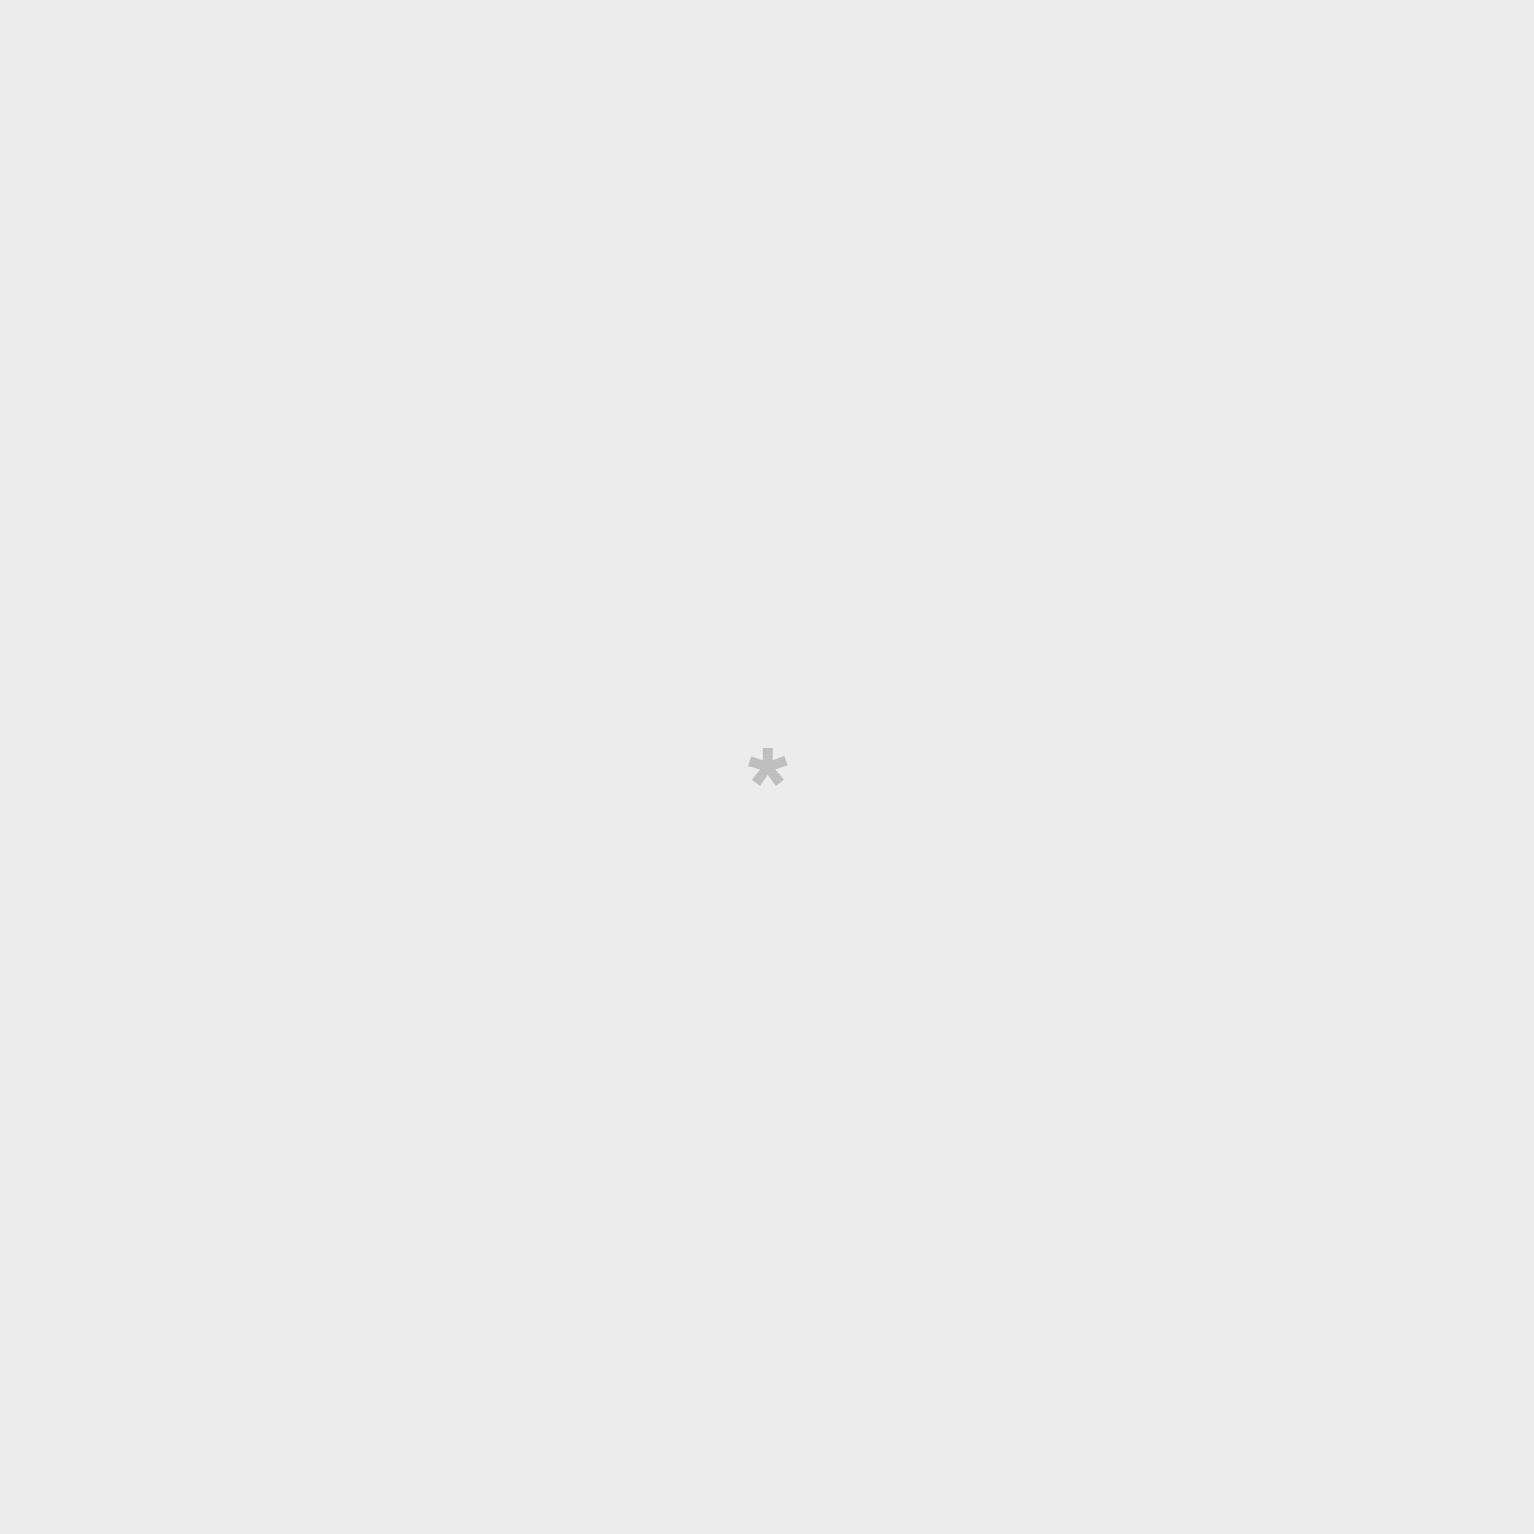 Taza - Esta taza pertenece a la mejor prima de todos los tiempos